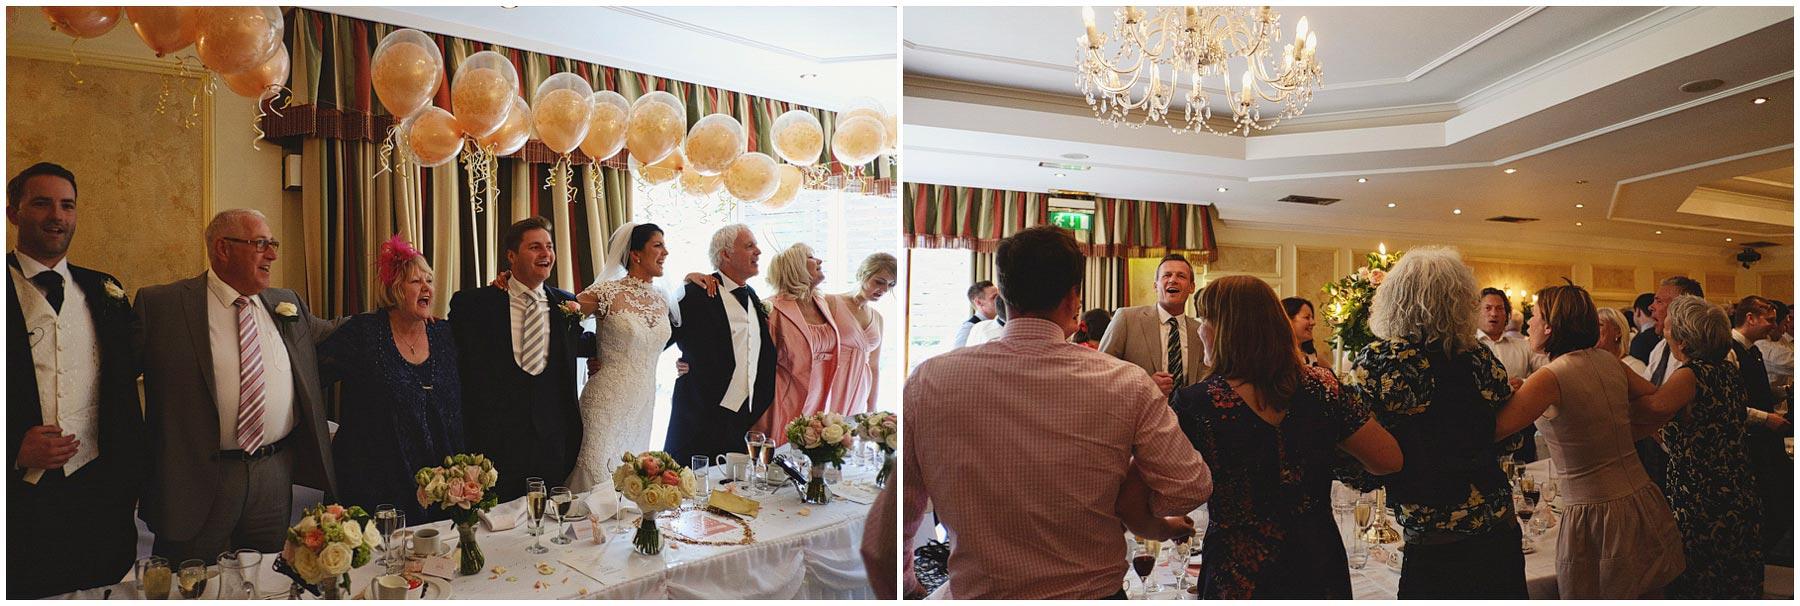 Wentbridge-House-Wedding-Photography-103